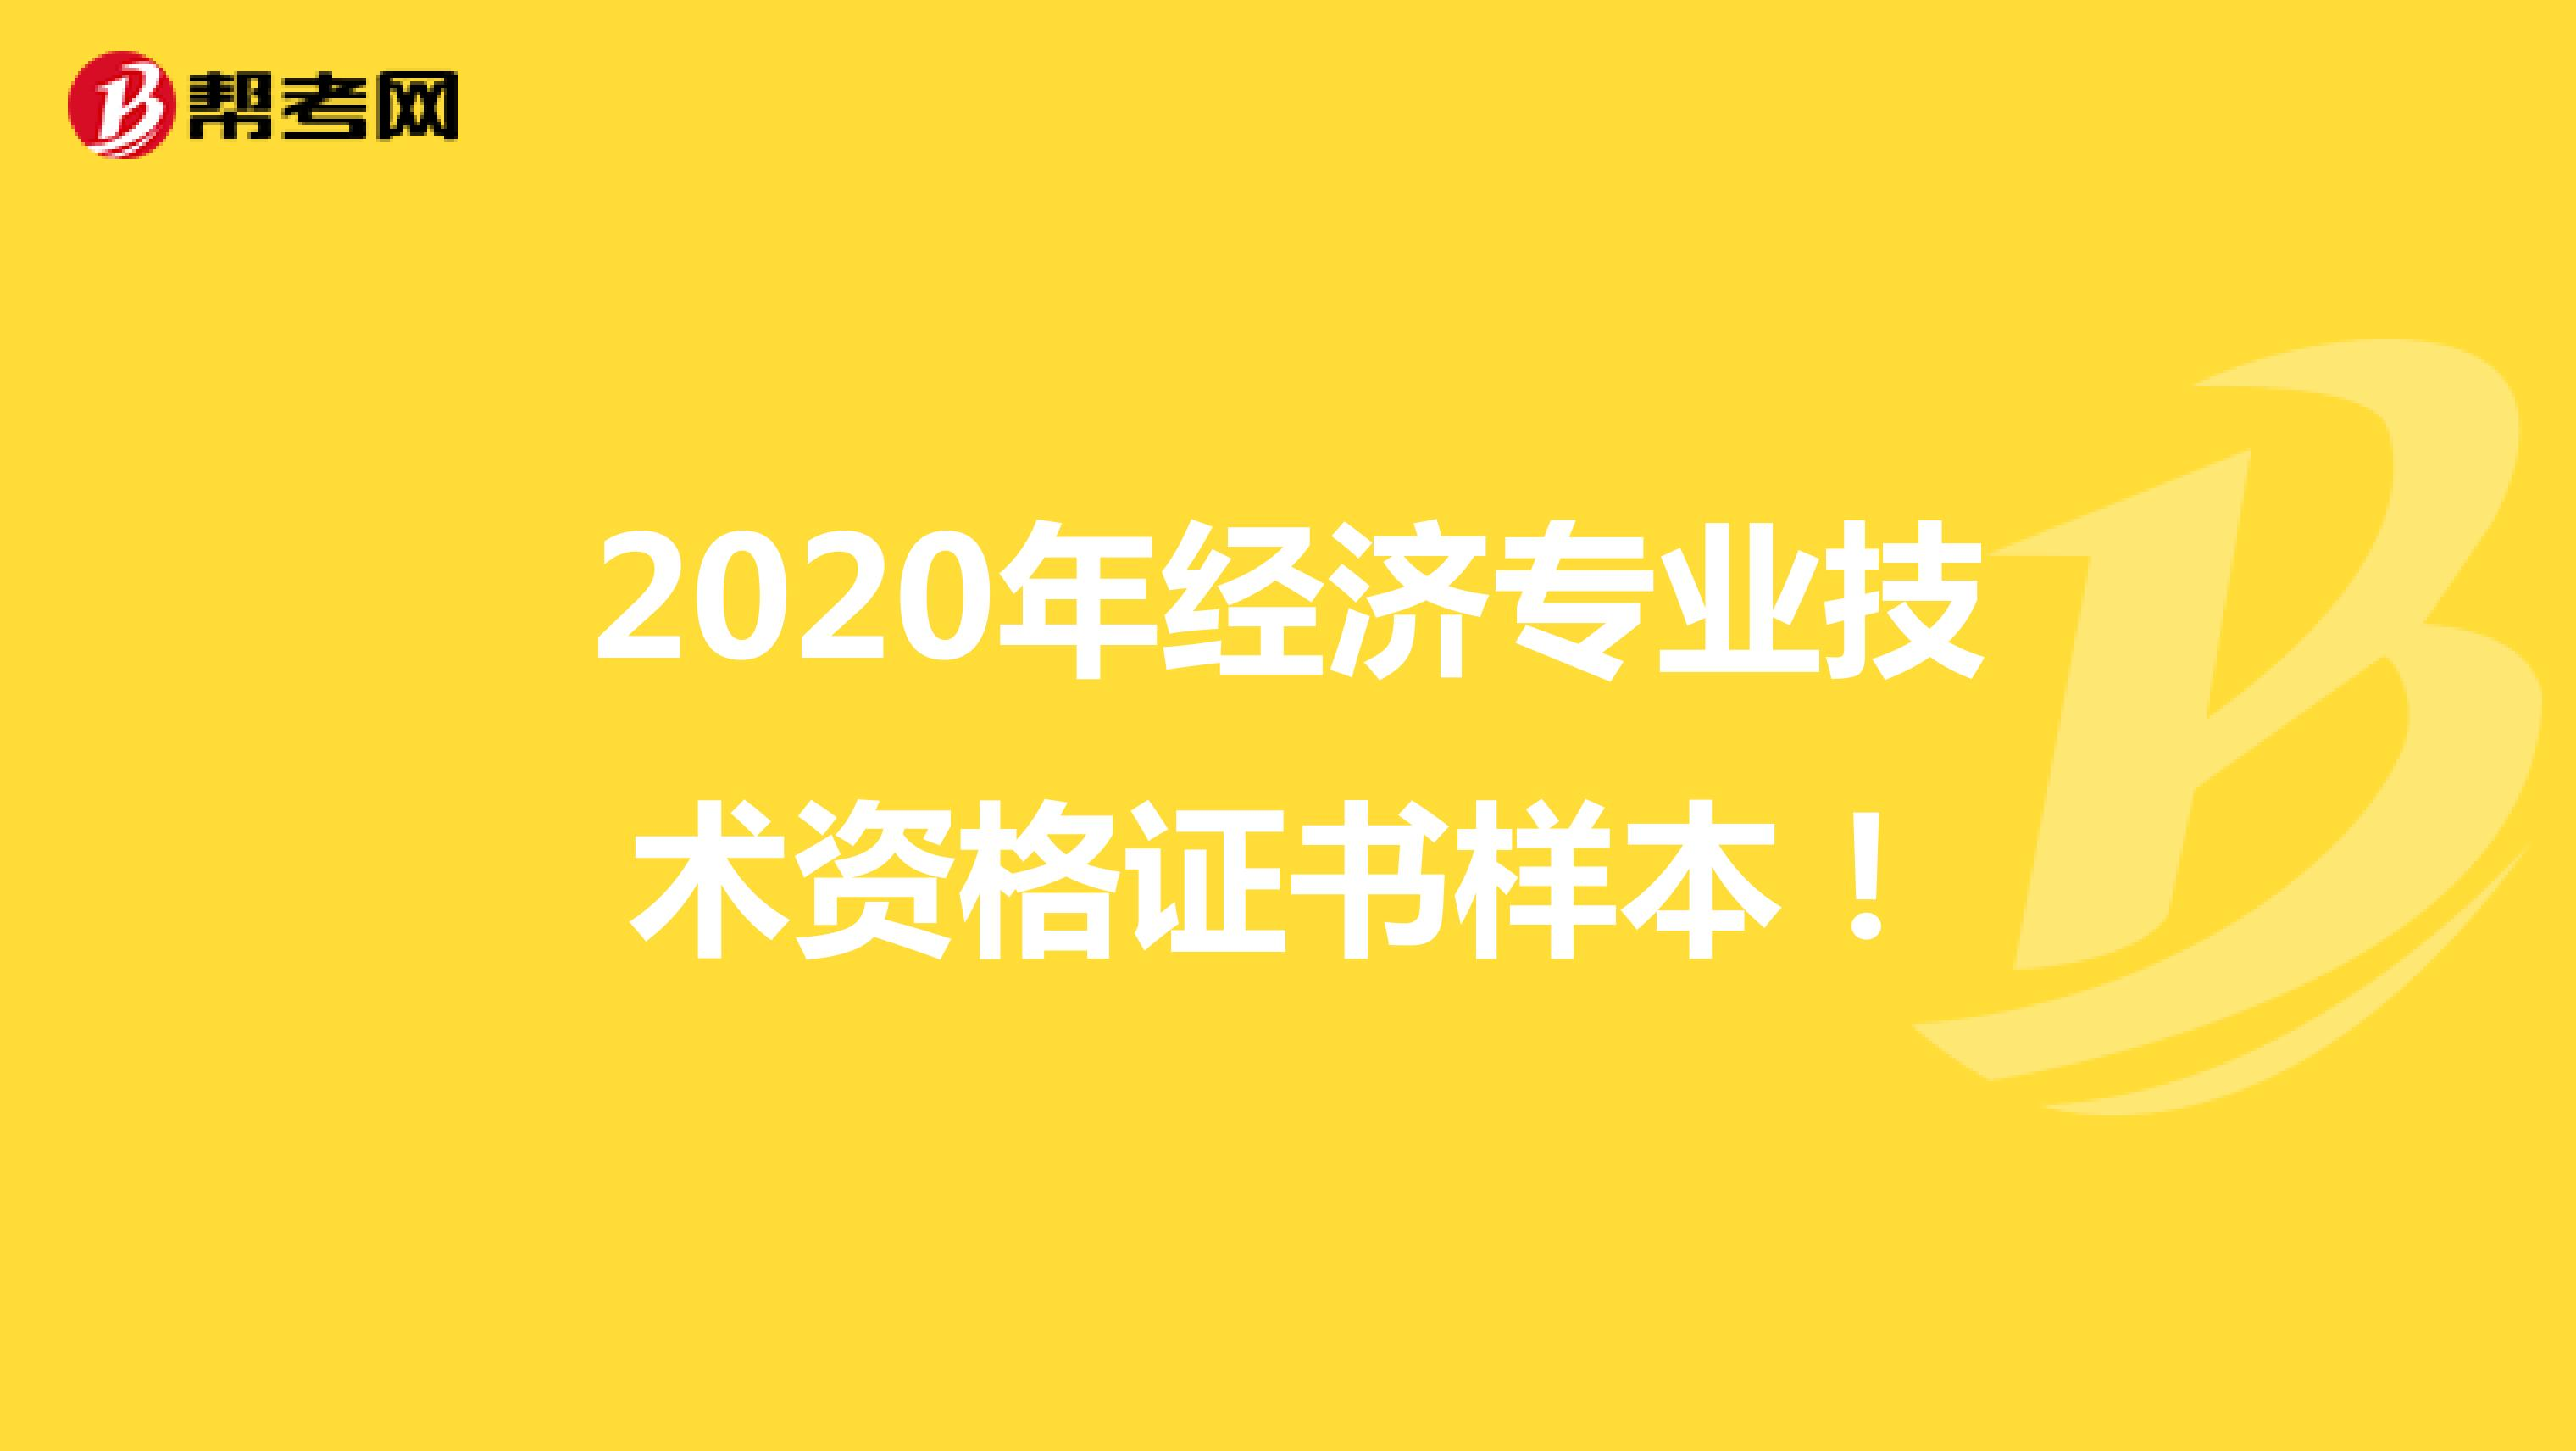 2020年经济专业技术资格证书样本!